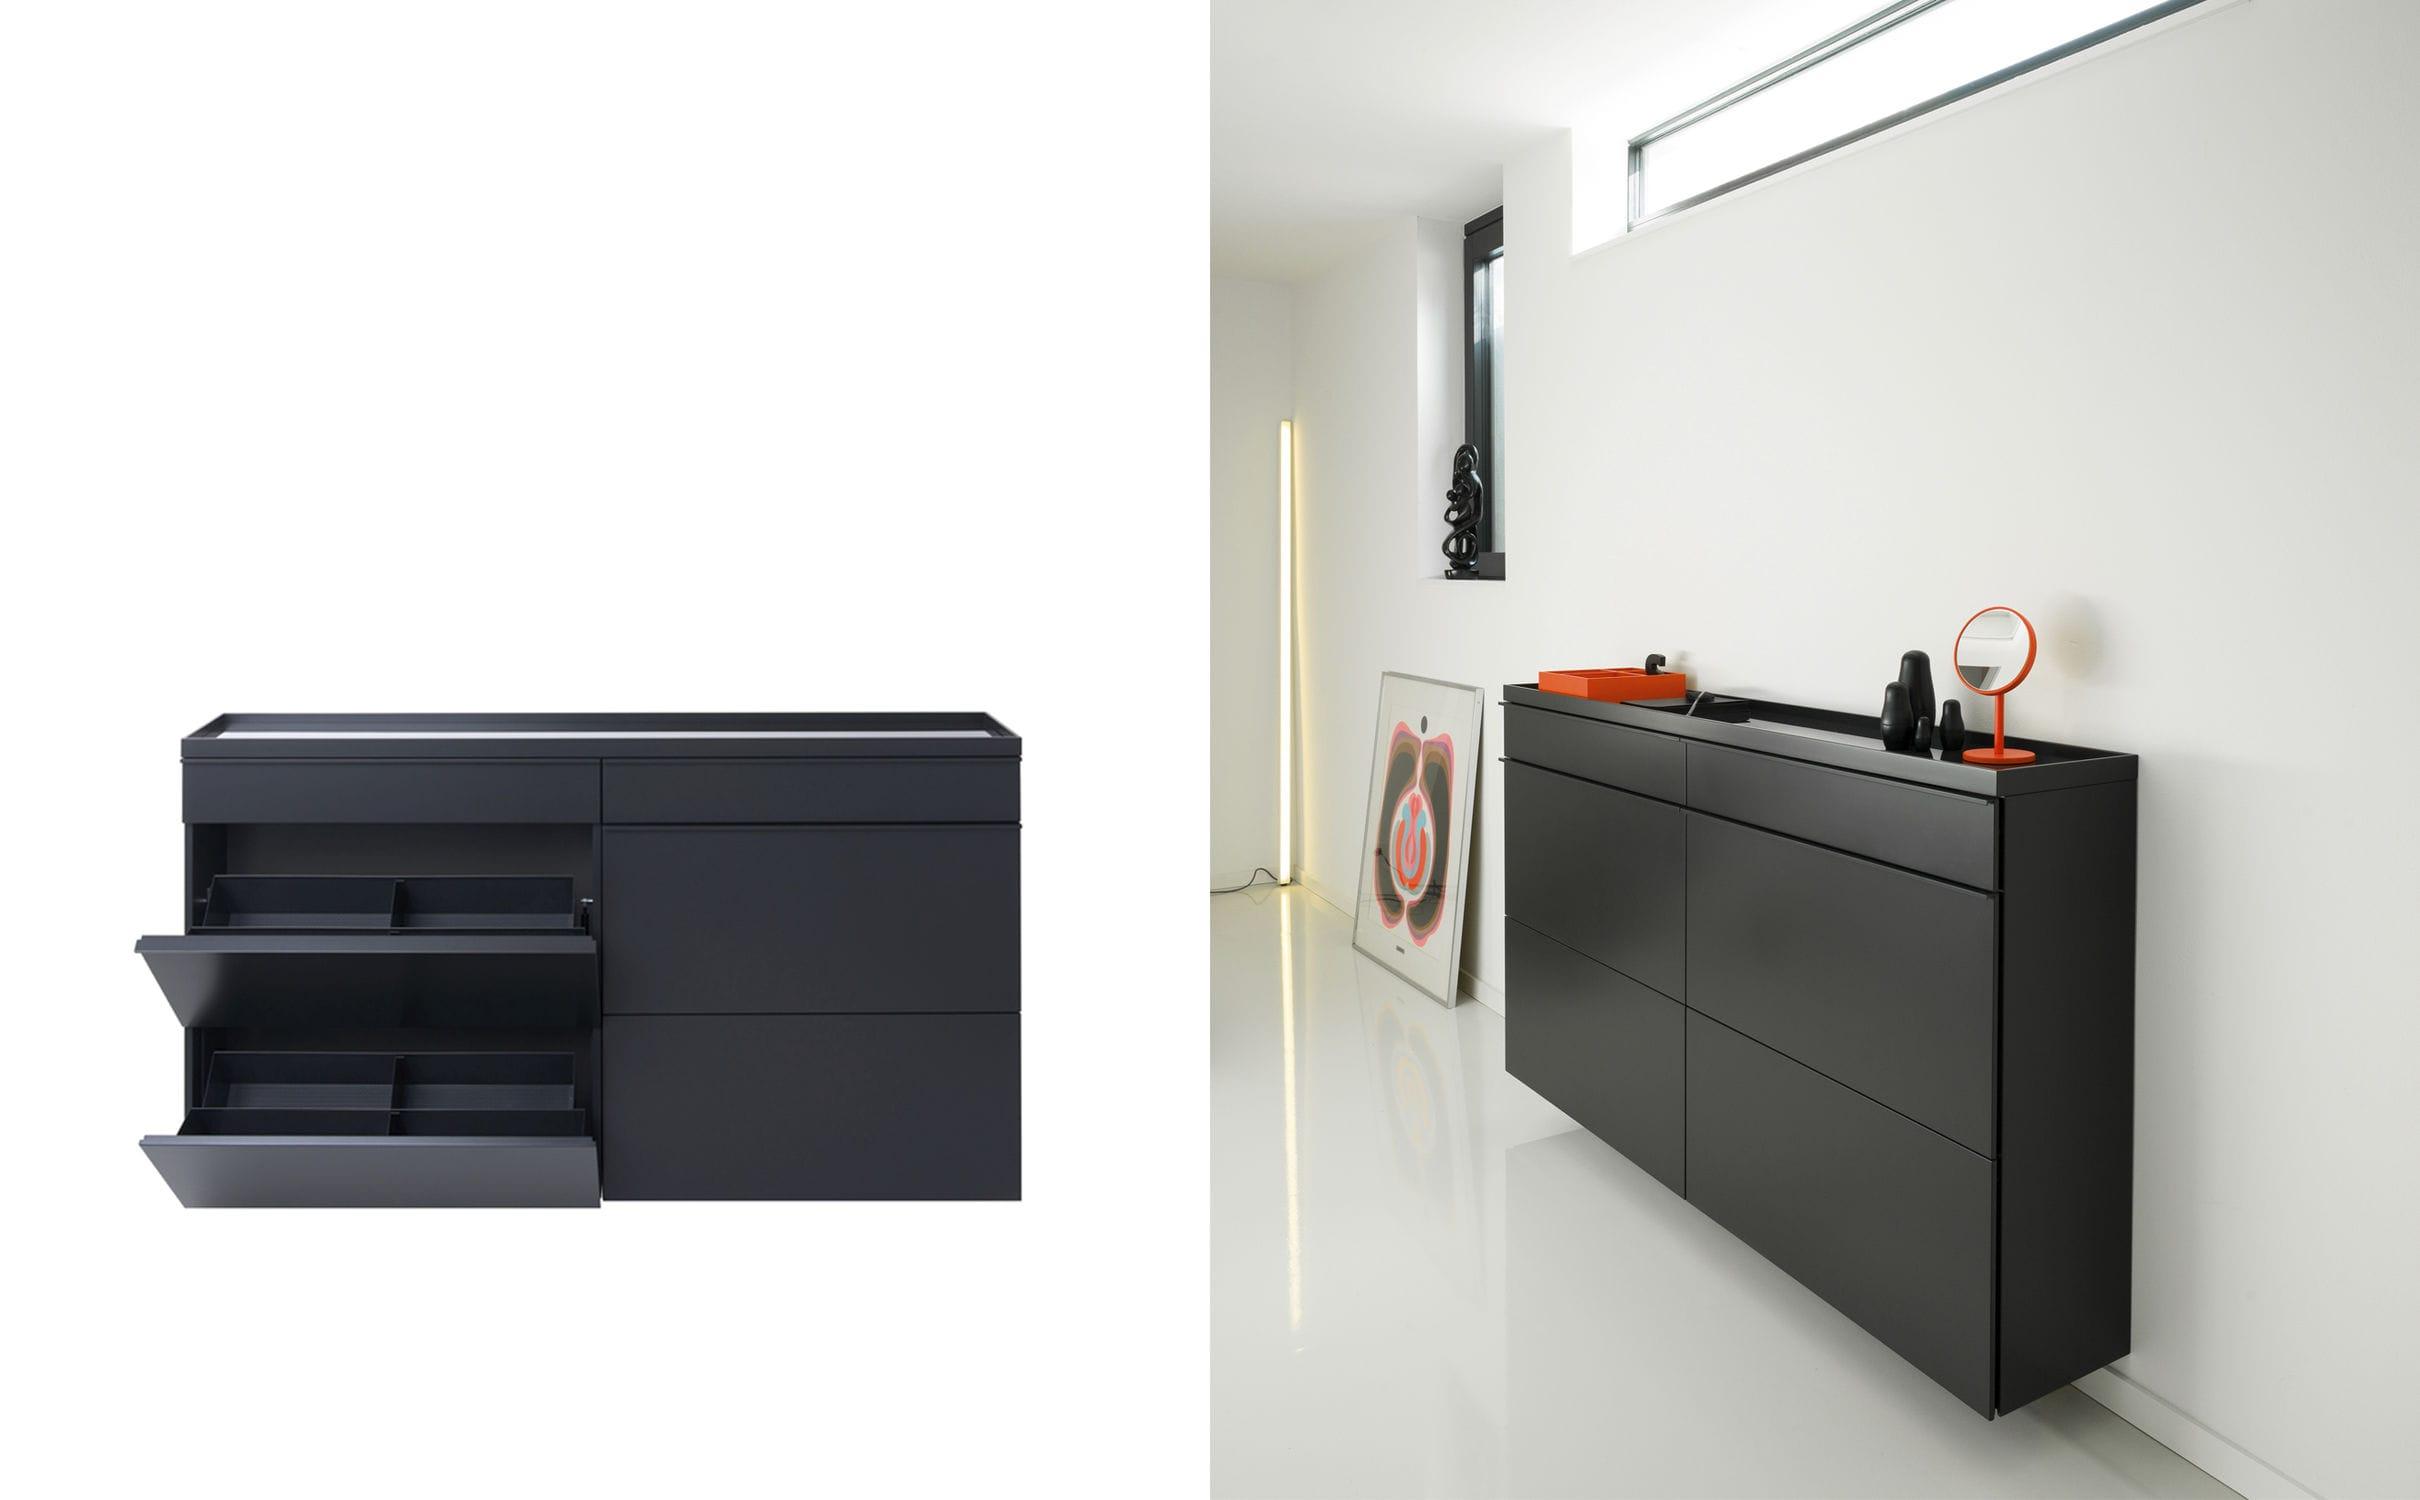 Moderner Schuhschrank / gestrichenes Metall - BASIC - Schönbuch